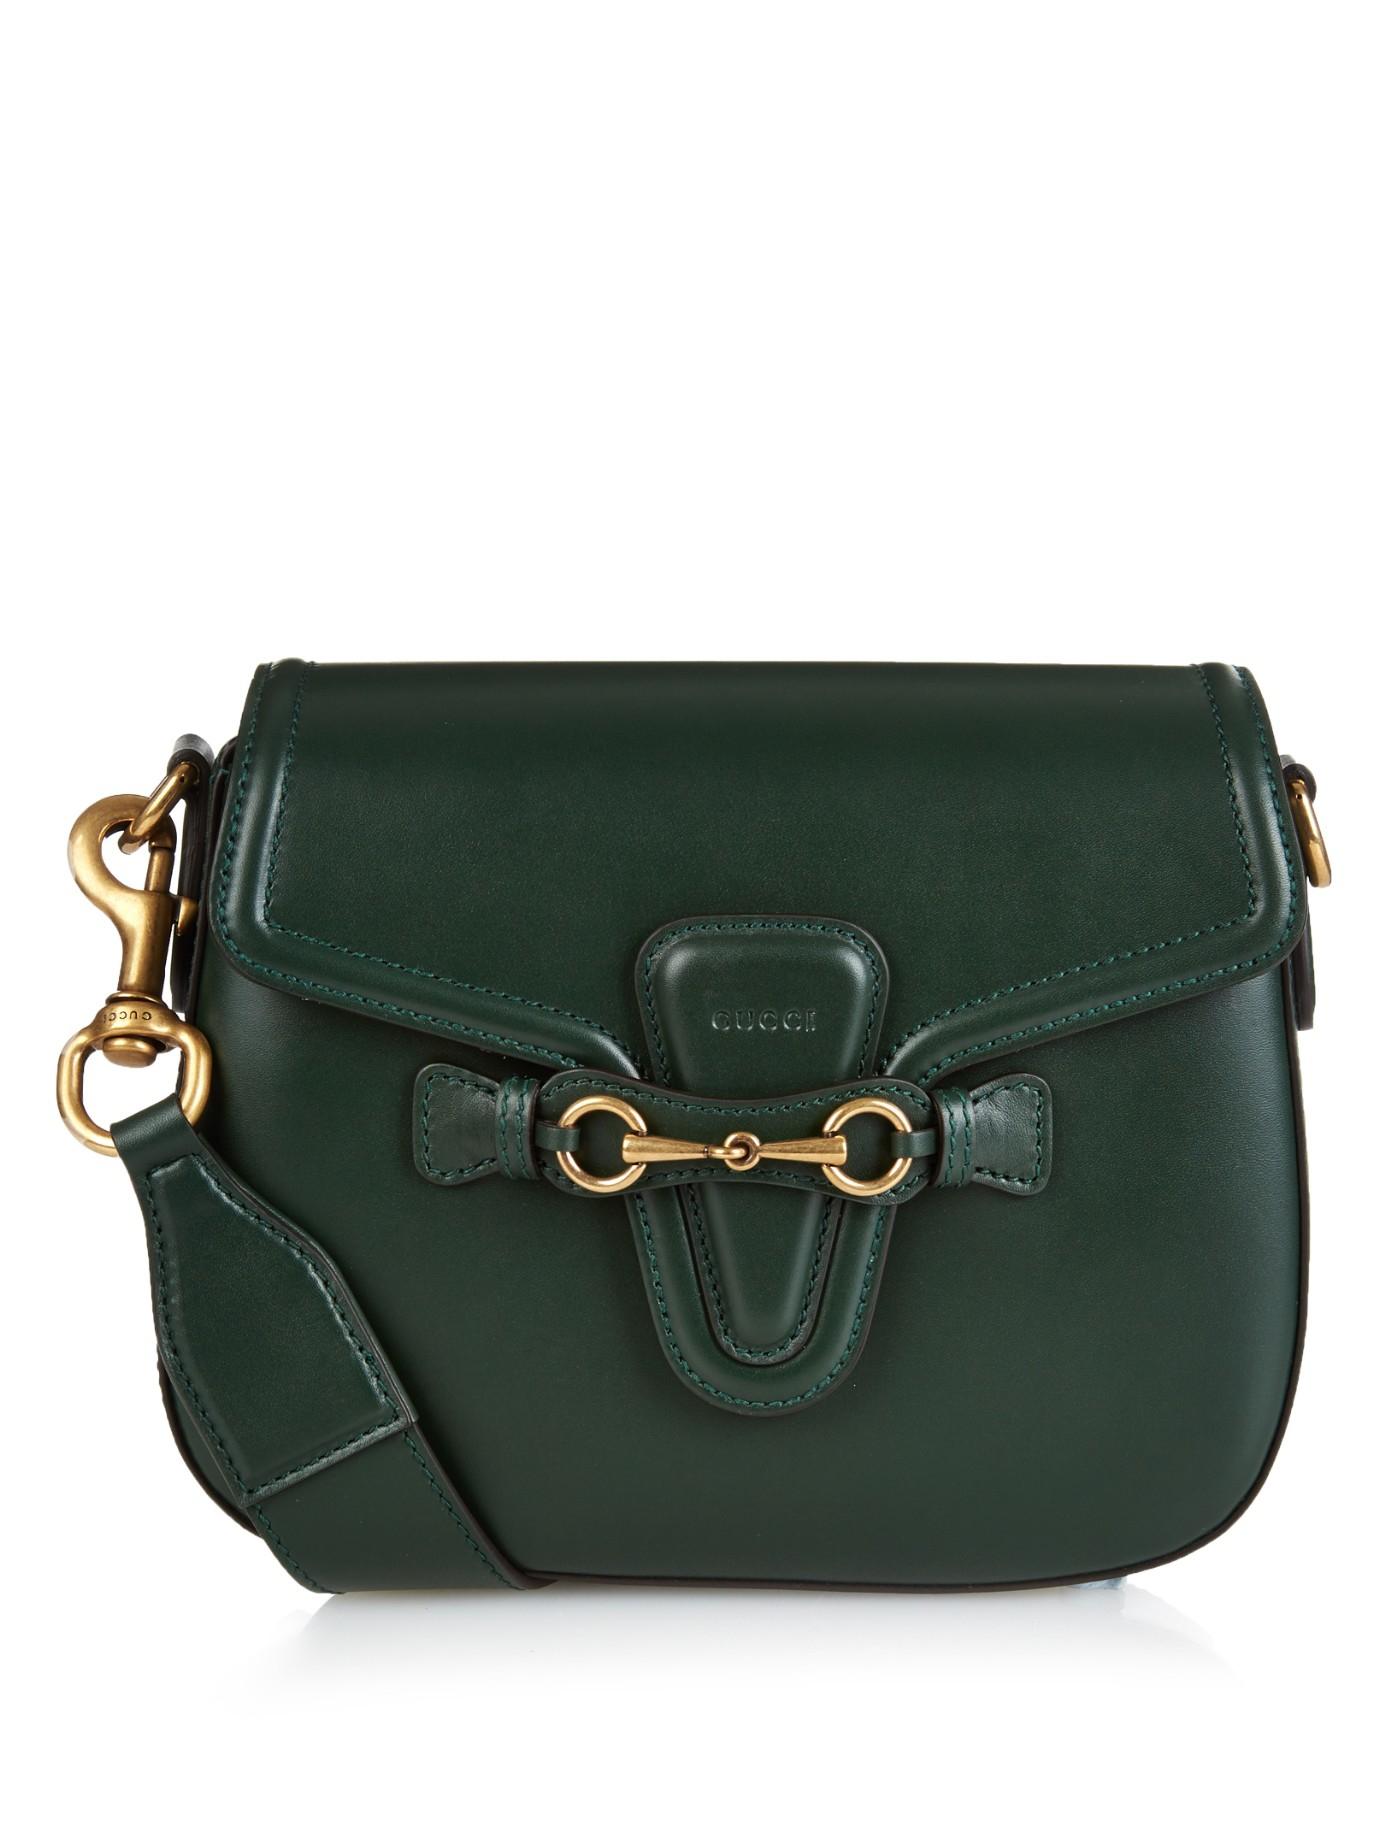 Lyst - Gucci Lady Web Medium Leather Cross-body Bag in Green 85951c2b709e1